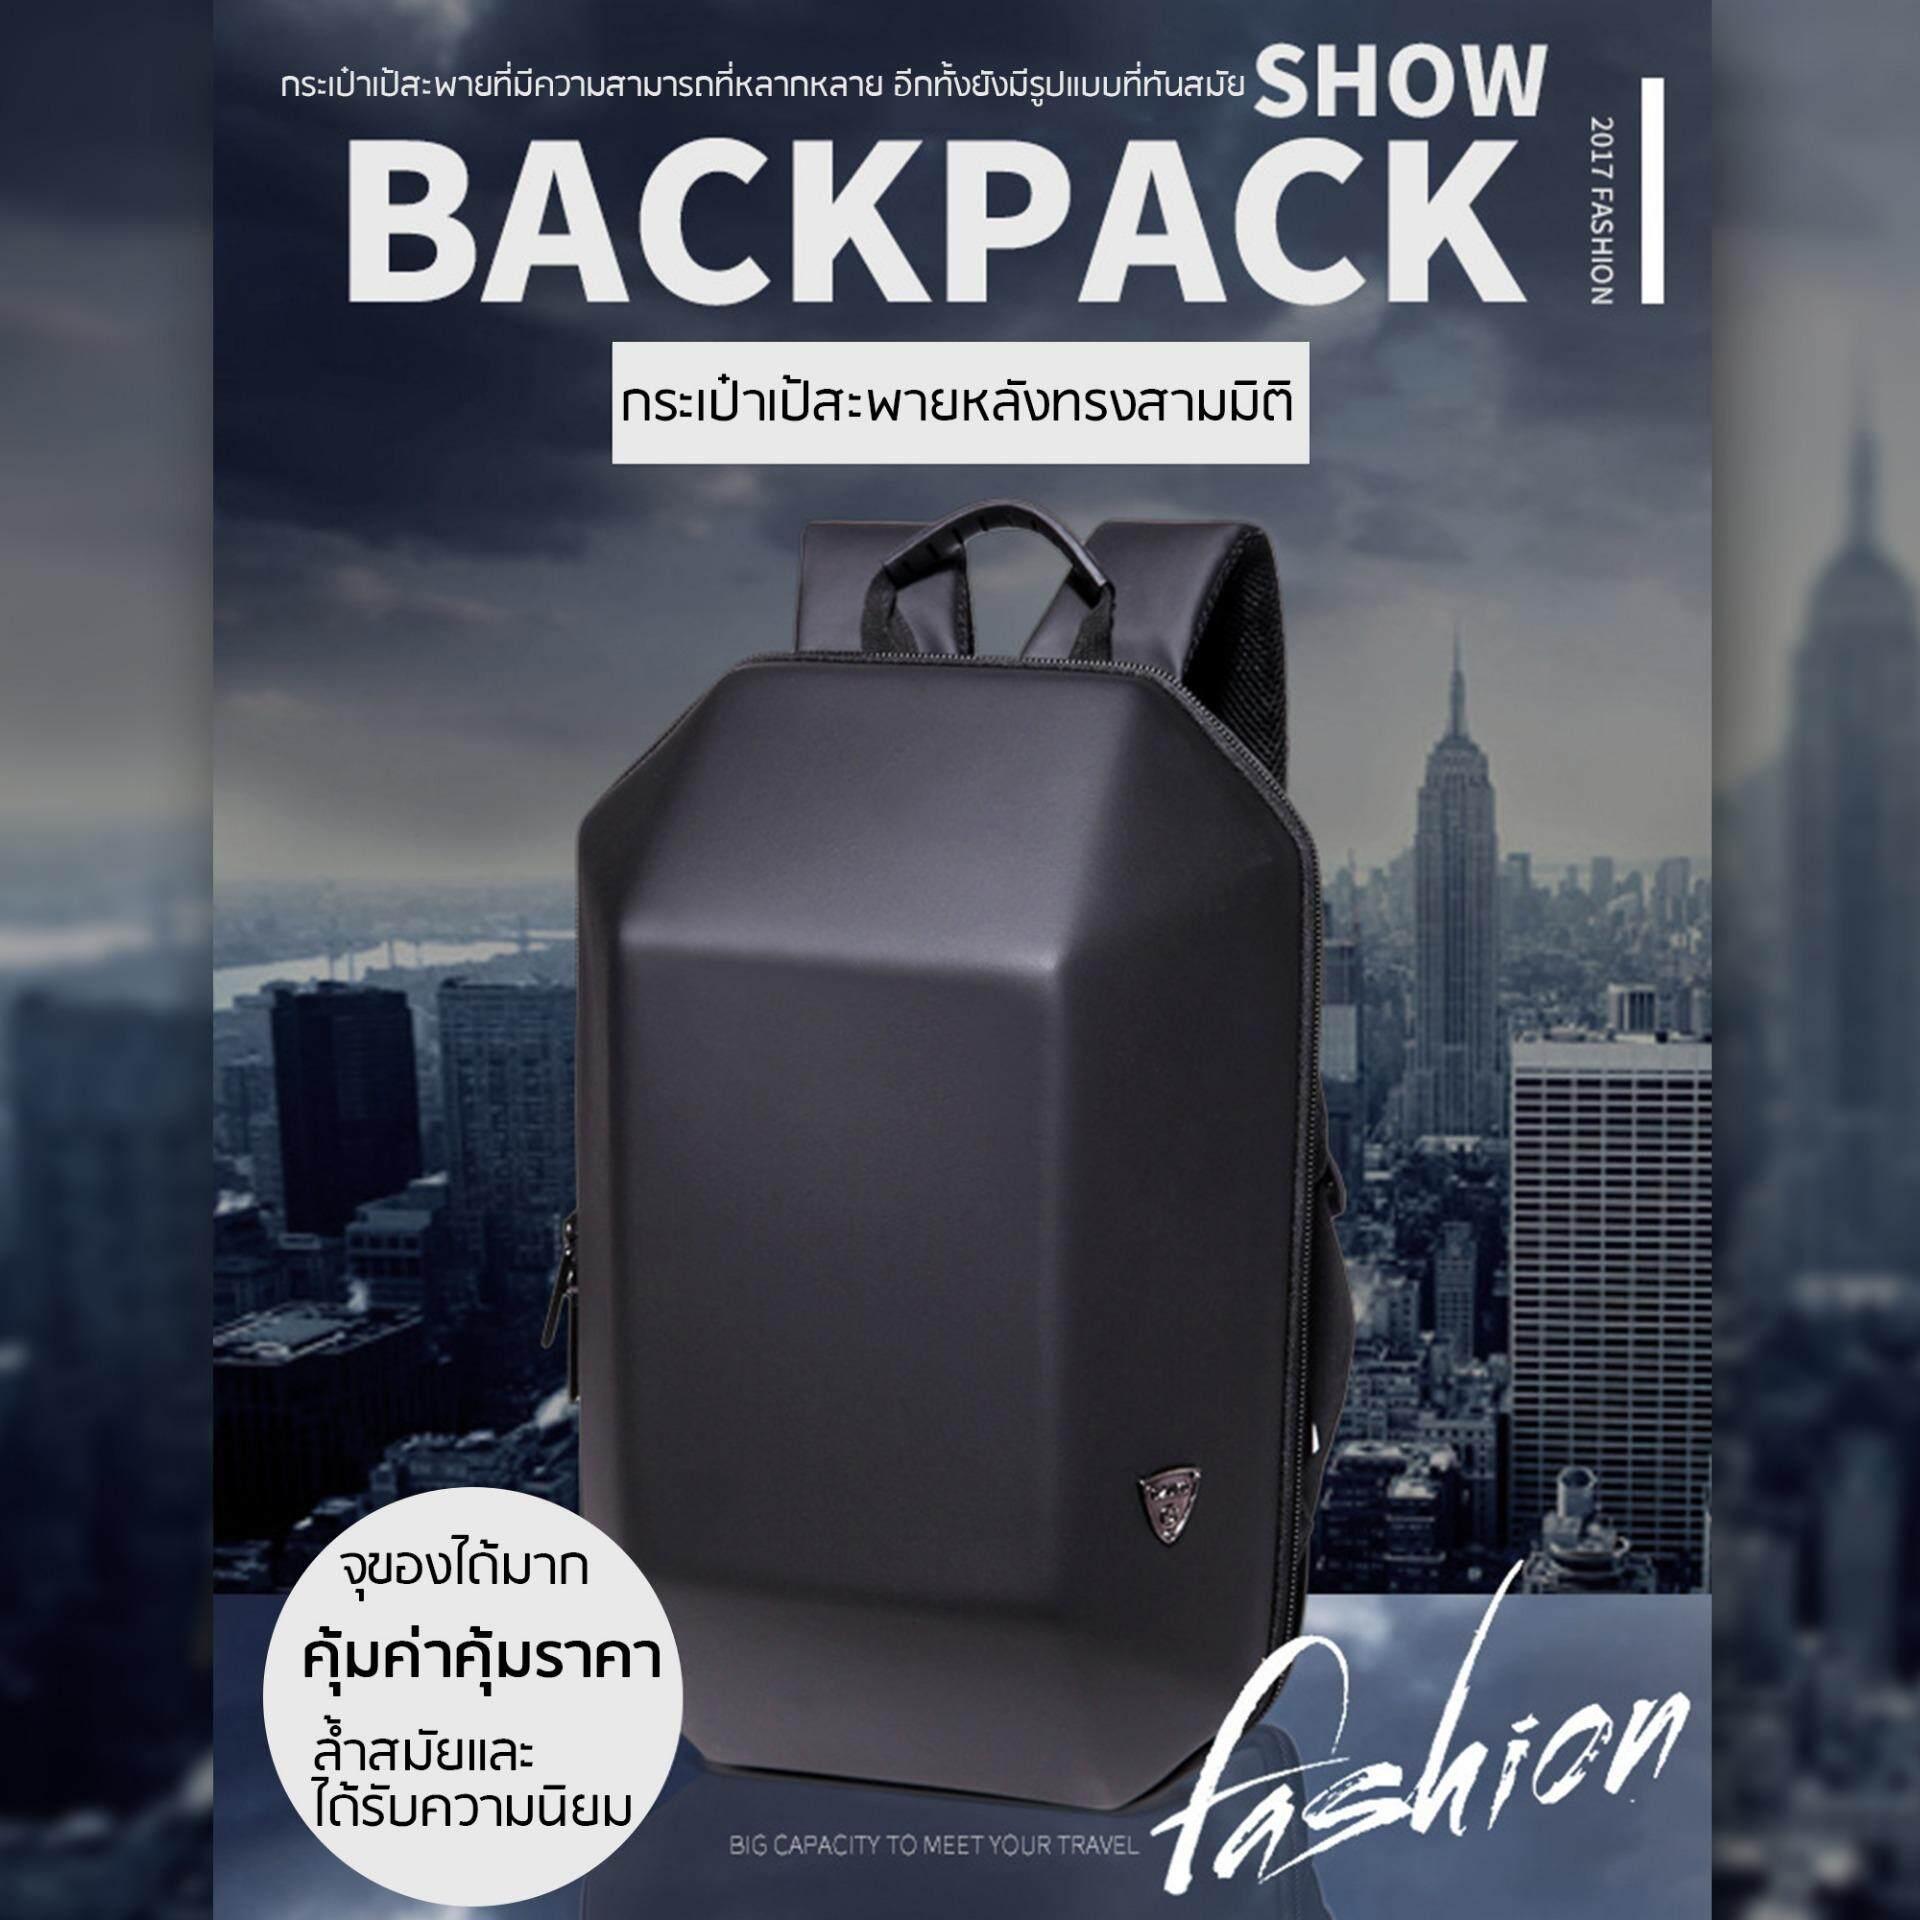 ราคา Backpack Ozuko กระเป๋าถือ สพายหลัง รูปทรง 3D คงทนแข็งแรงใส่ของได้เยอะมีช่องซิปภายใน Notebook แฟ้มเอกสาร เสื้อผ้า โทรศัพท์มือถือ อื่นๆ สีดำ ใหม่